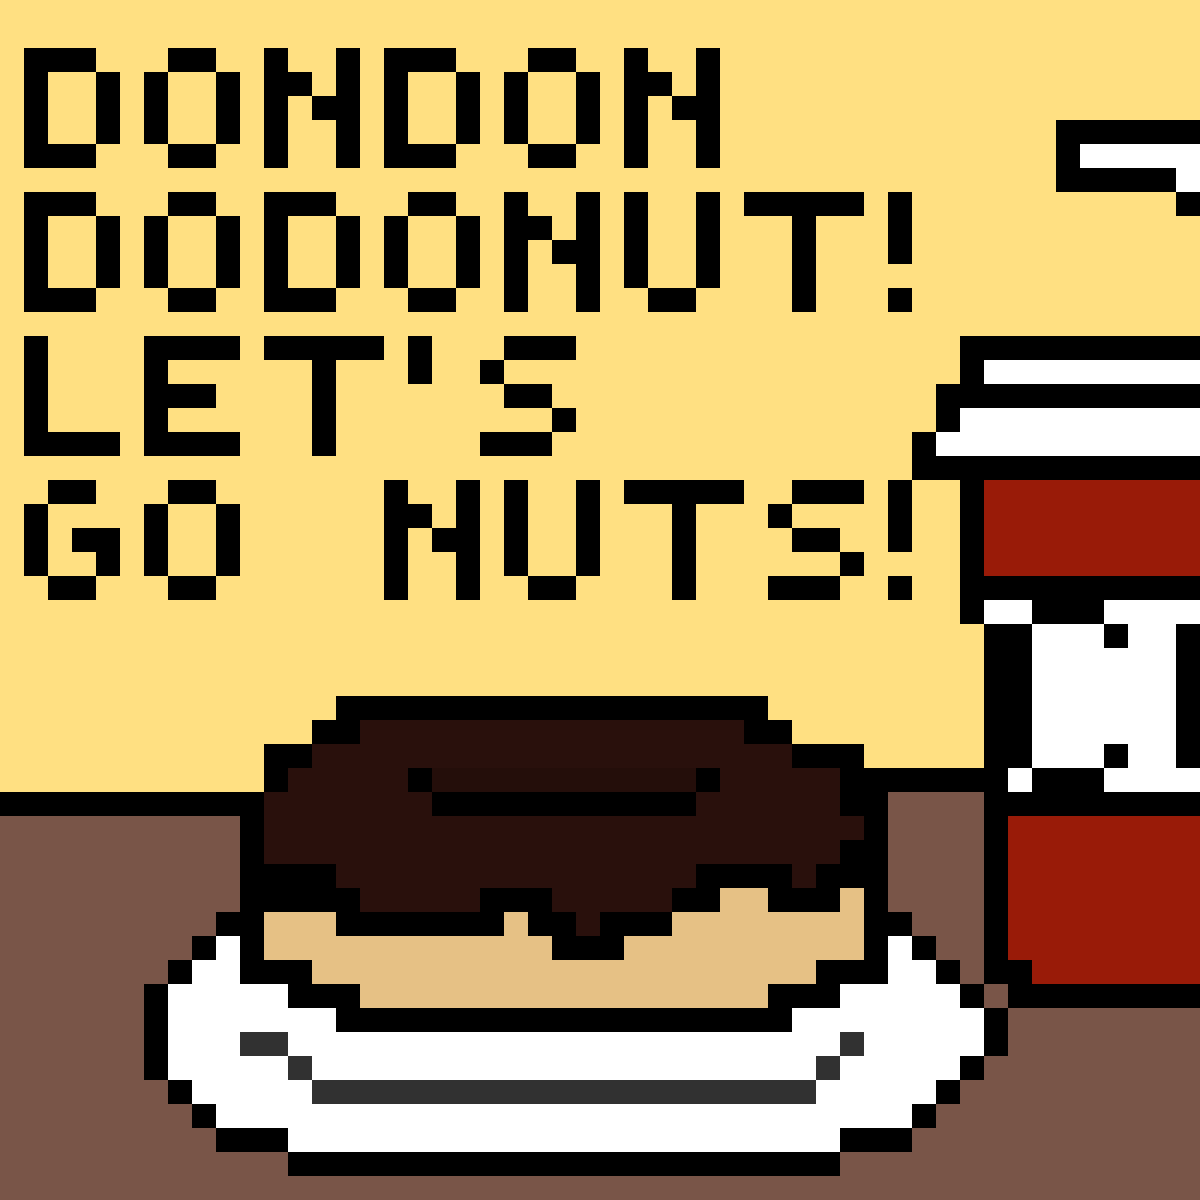 Dondondodonut! w/ coke by ZelfIsCeecy